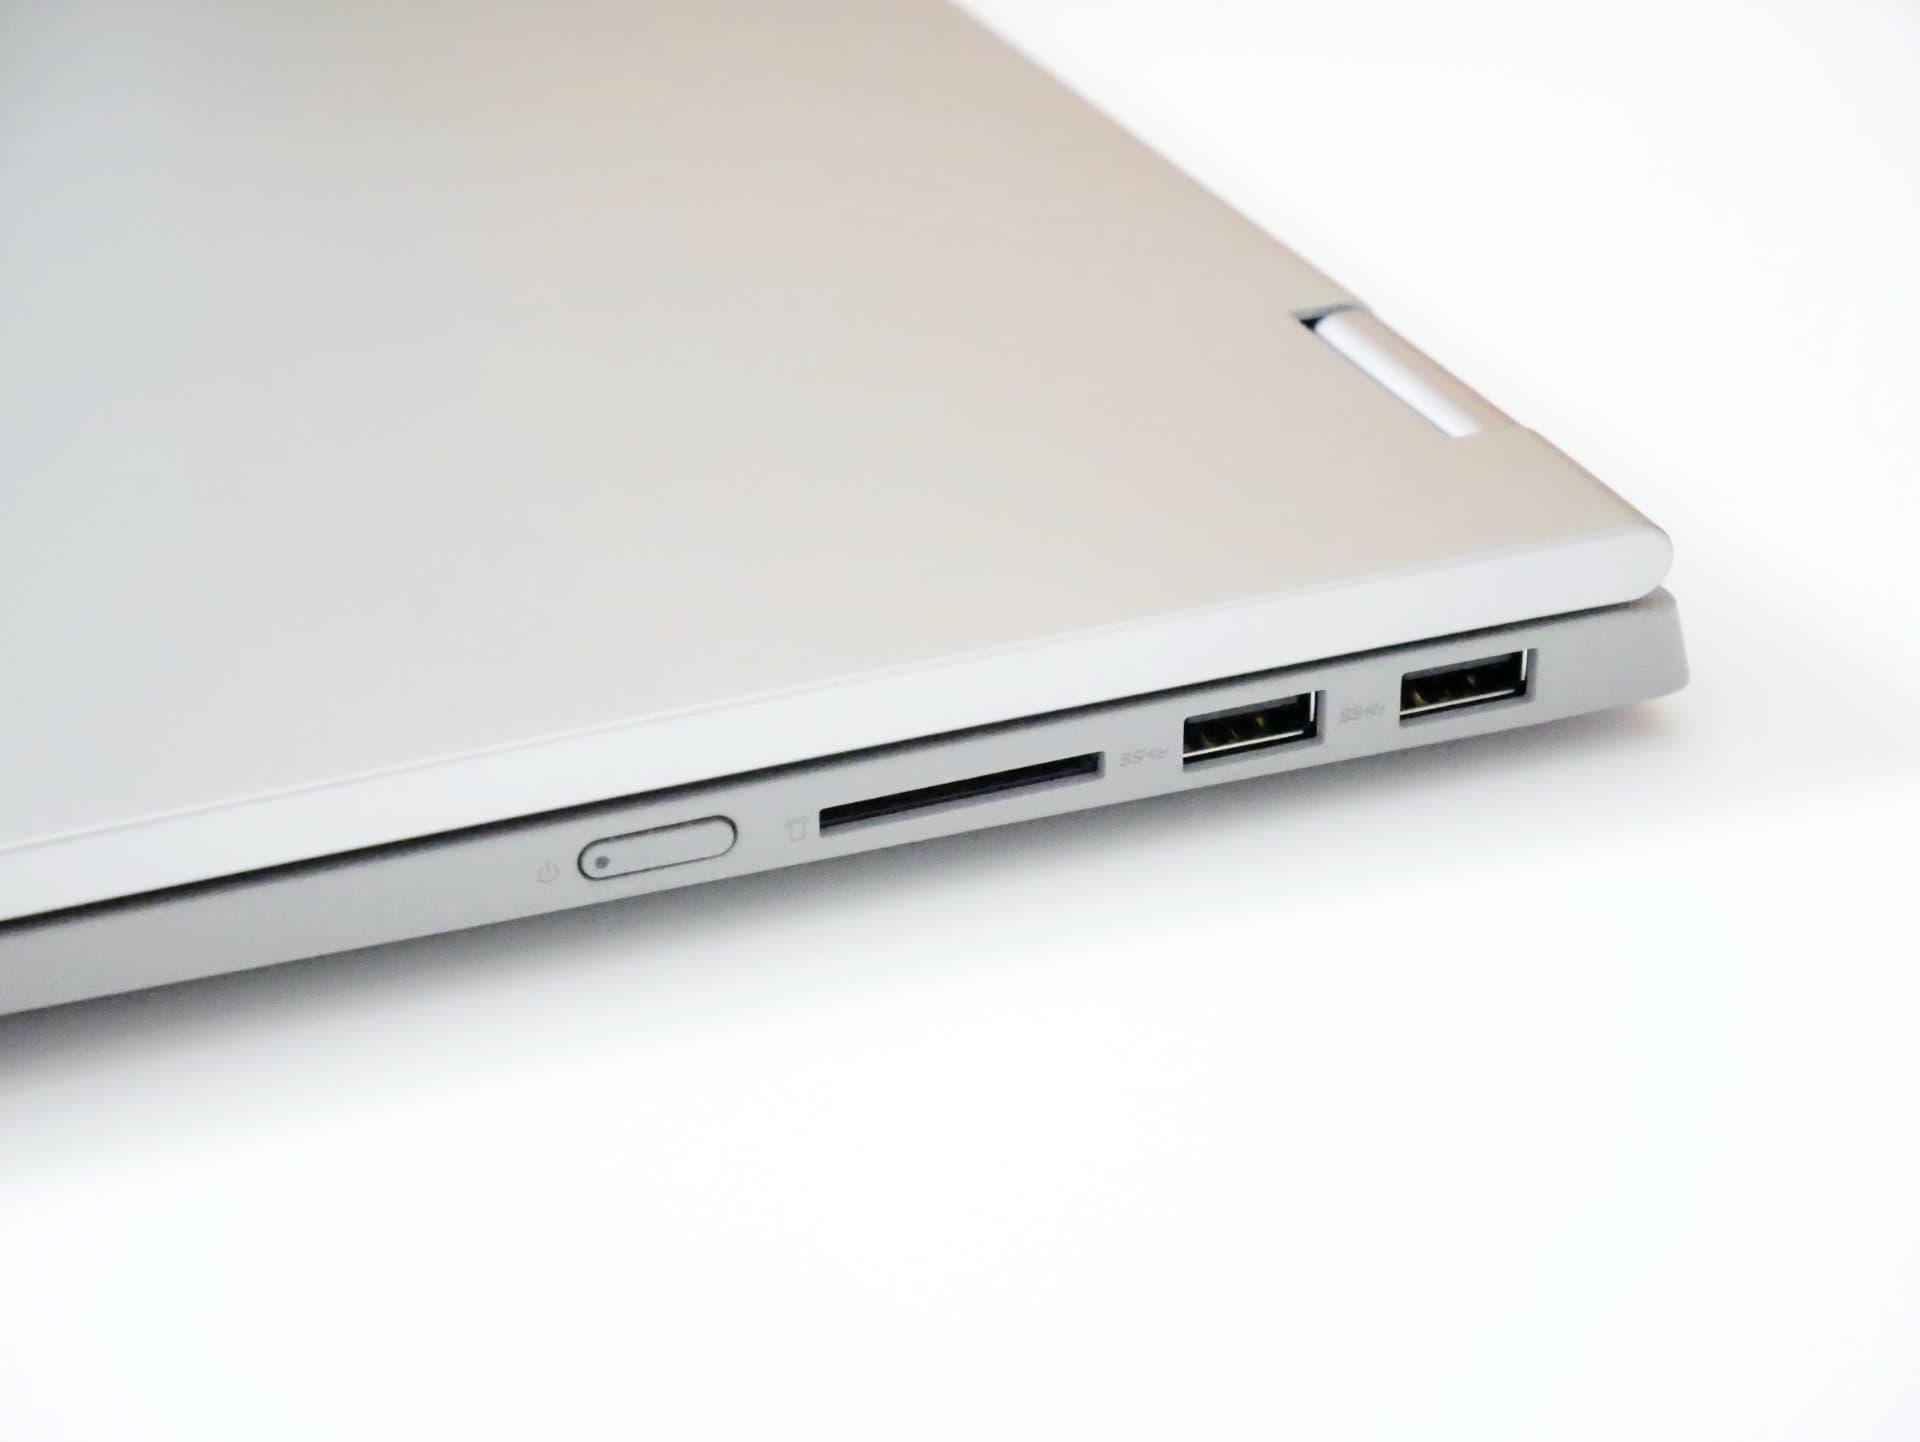 IdeaPad Flex 550 端子右側